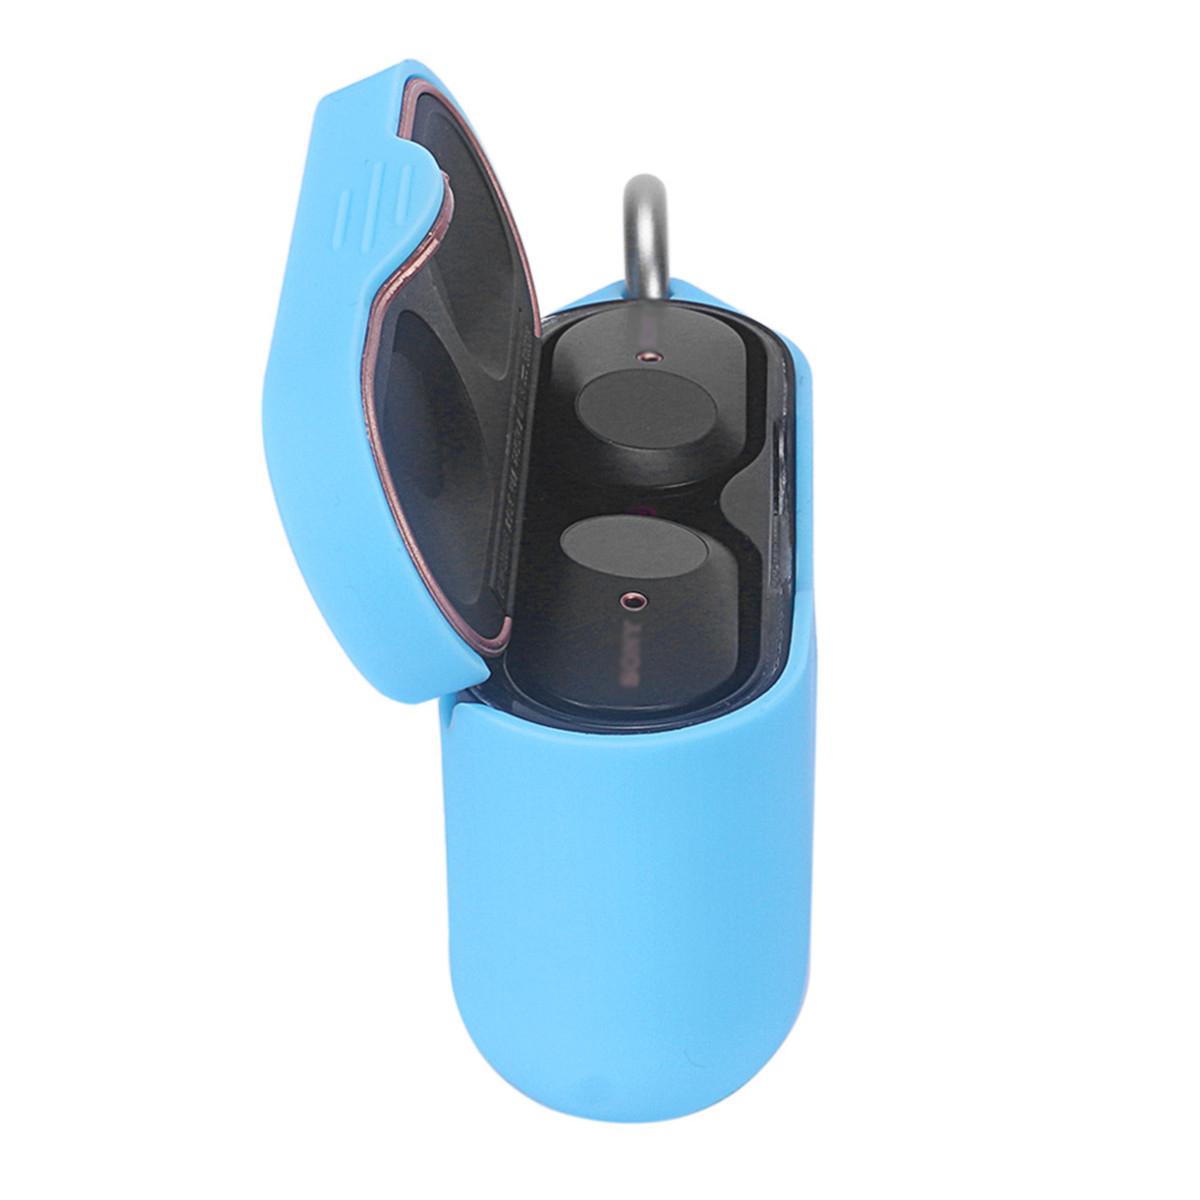 [해외] 무선 이어폰 케이스 실리콘 보호 케이스 커버 스킨 소니 WF 1000XM3 무선 이어폰 블루투스 헤드폰 이어폰